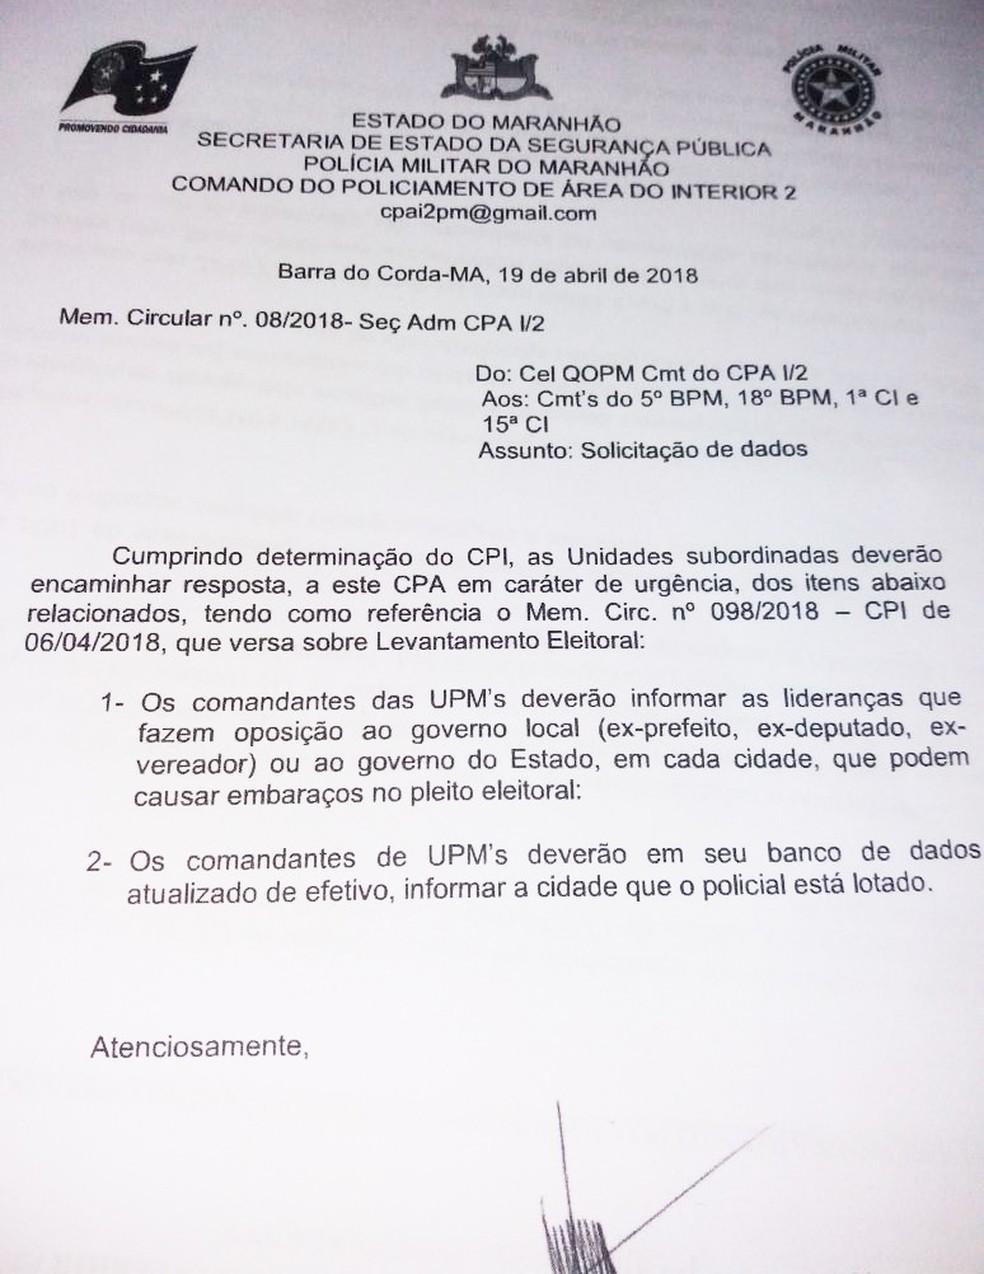 Memorando da Polícia Militar que motivou investigação interna na corporação no Maranhão (Foto: Divulgação / Polícia Militar)